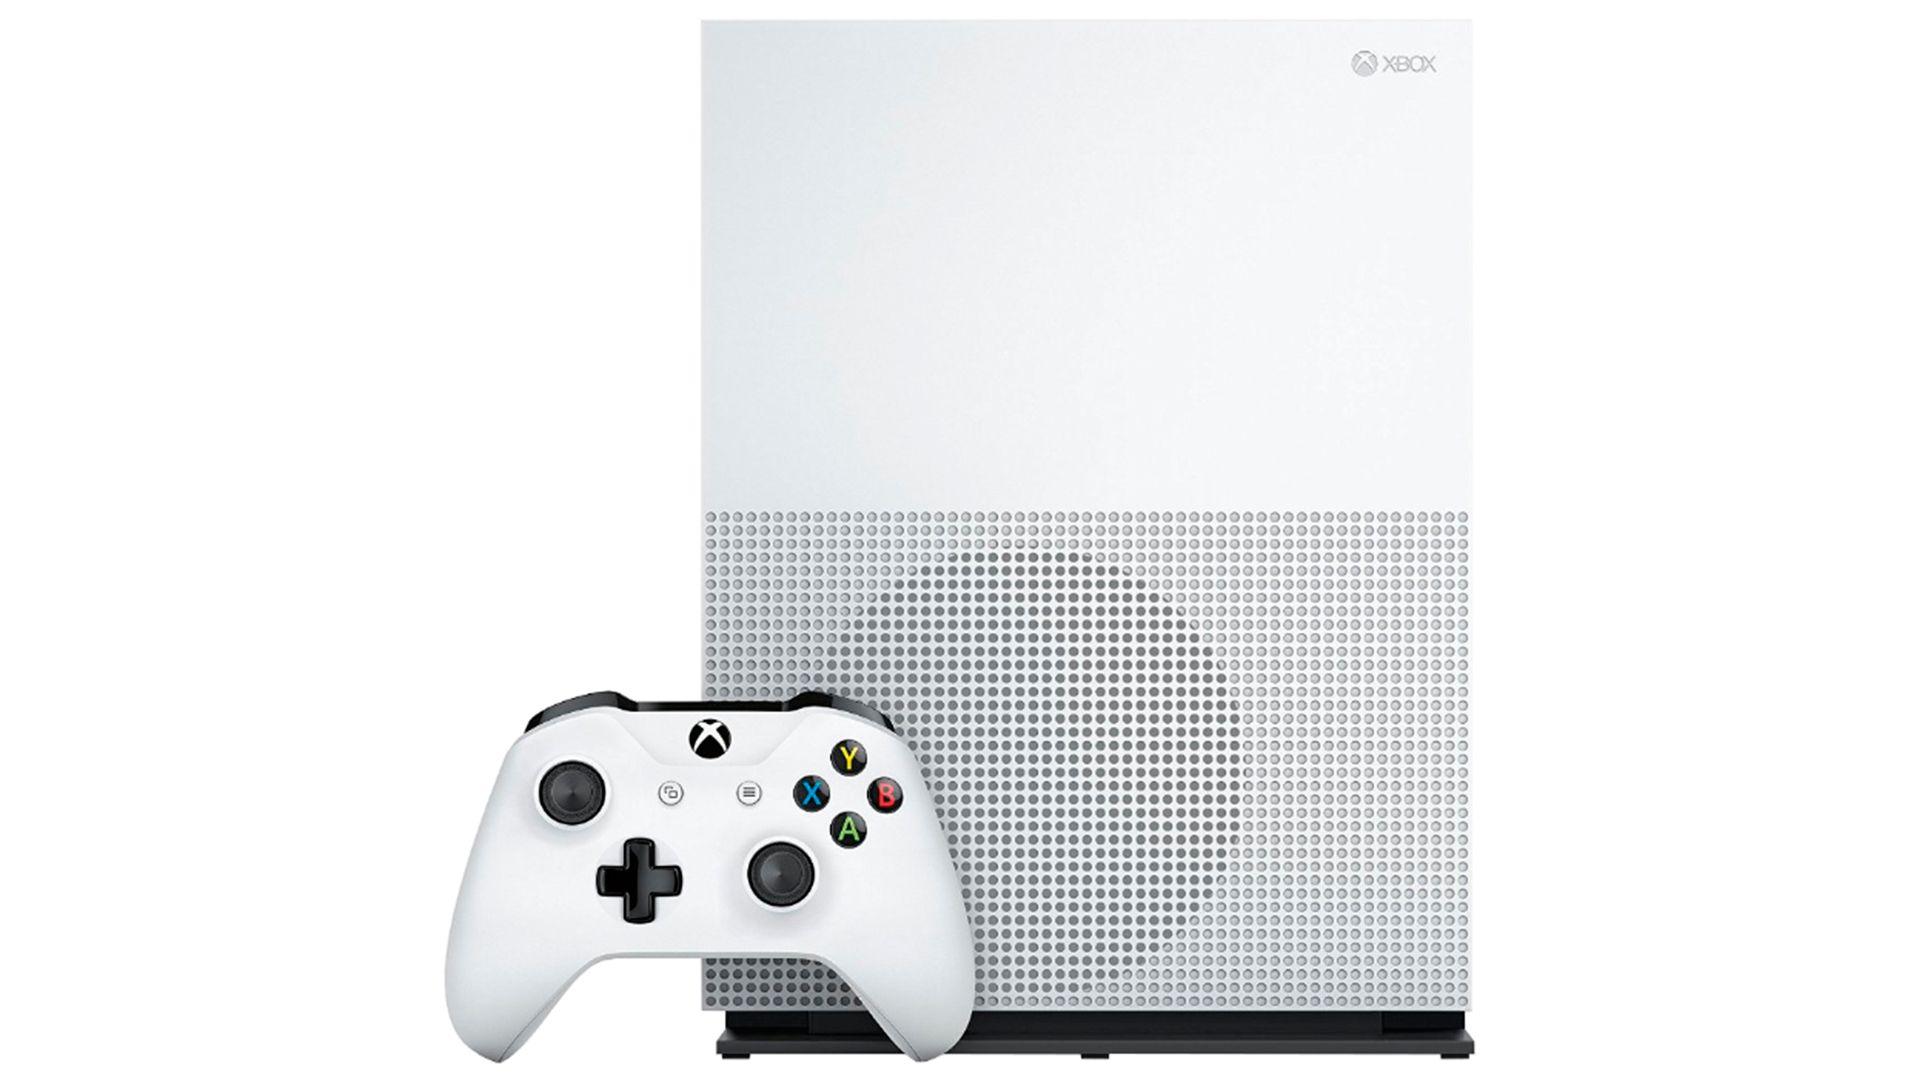 Xbox One S 500Gb 2 джойстика и FIFA 17 изображение 0